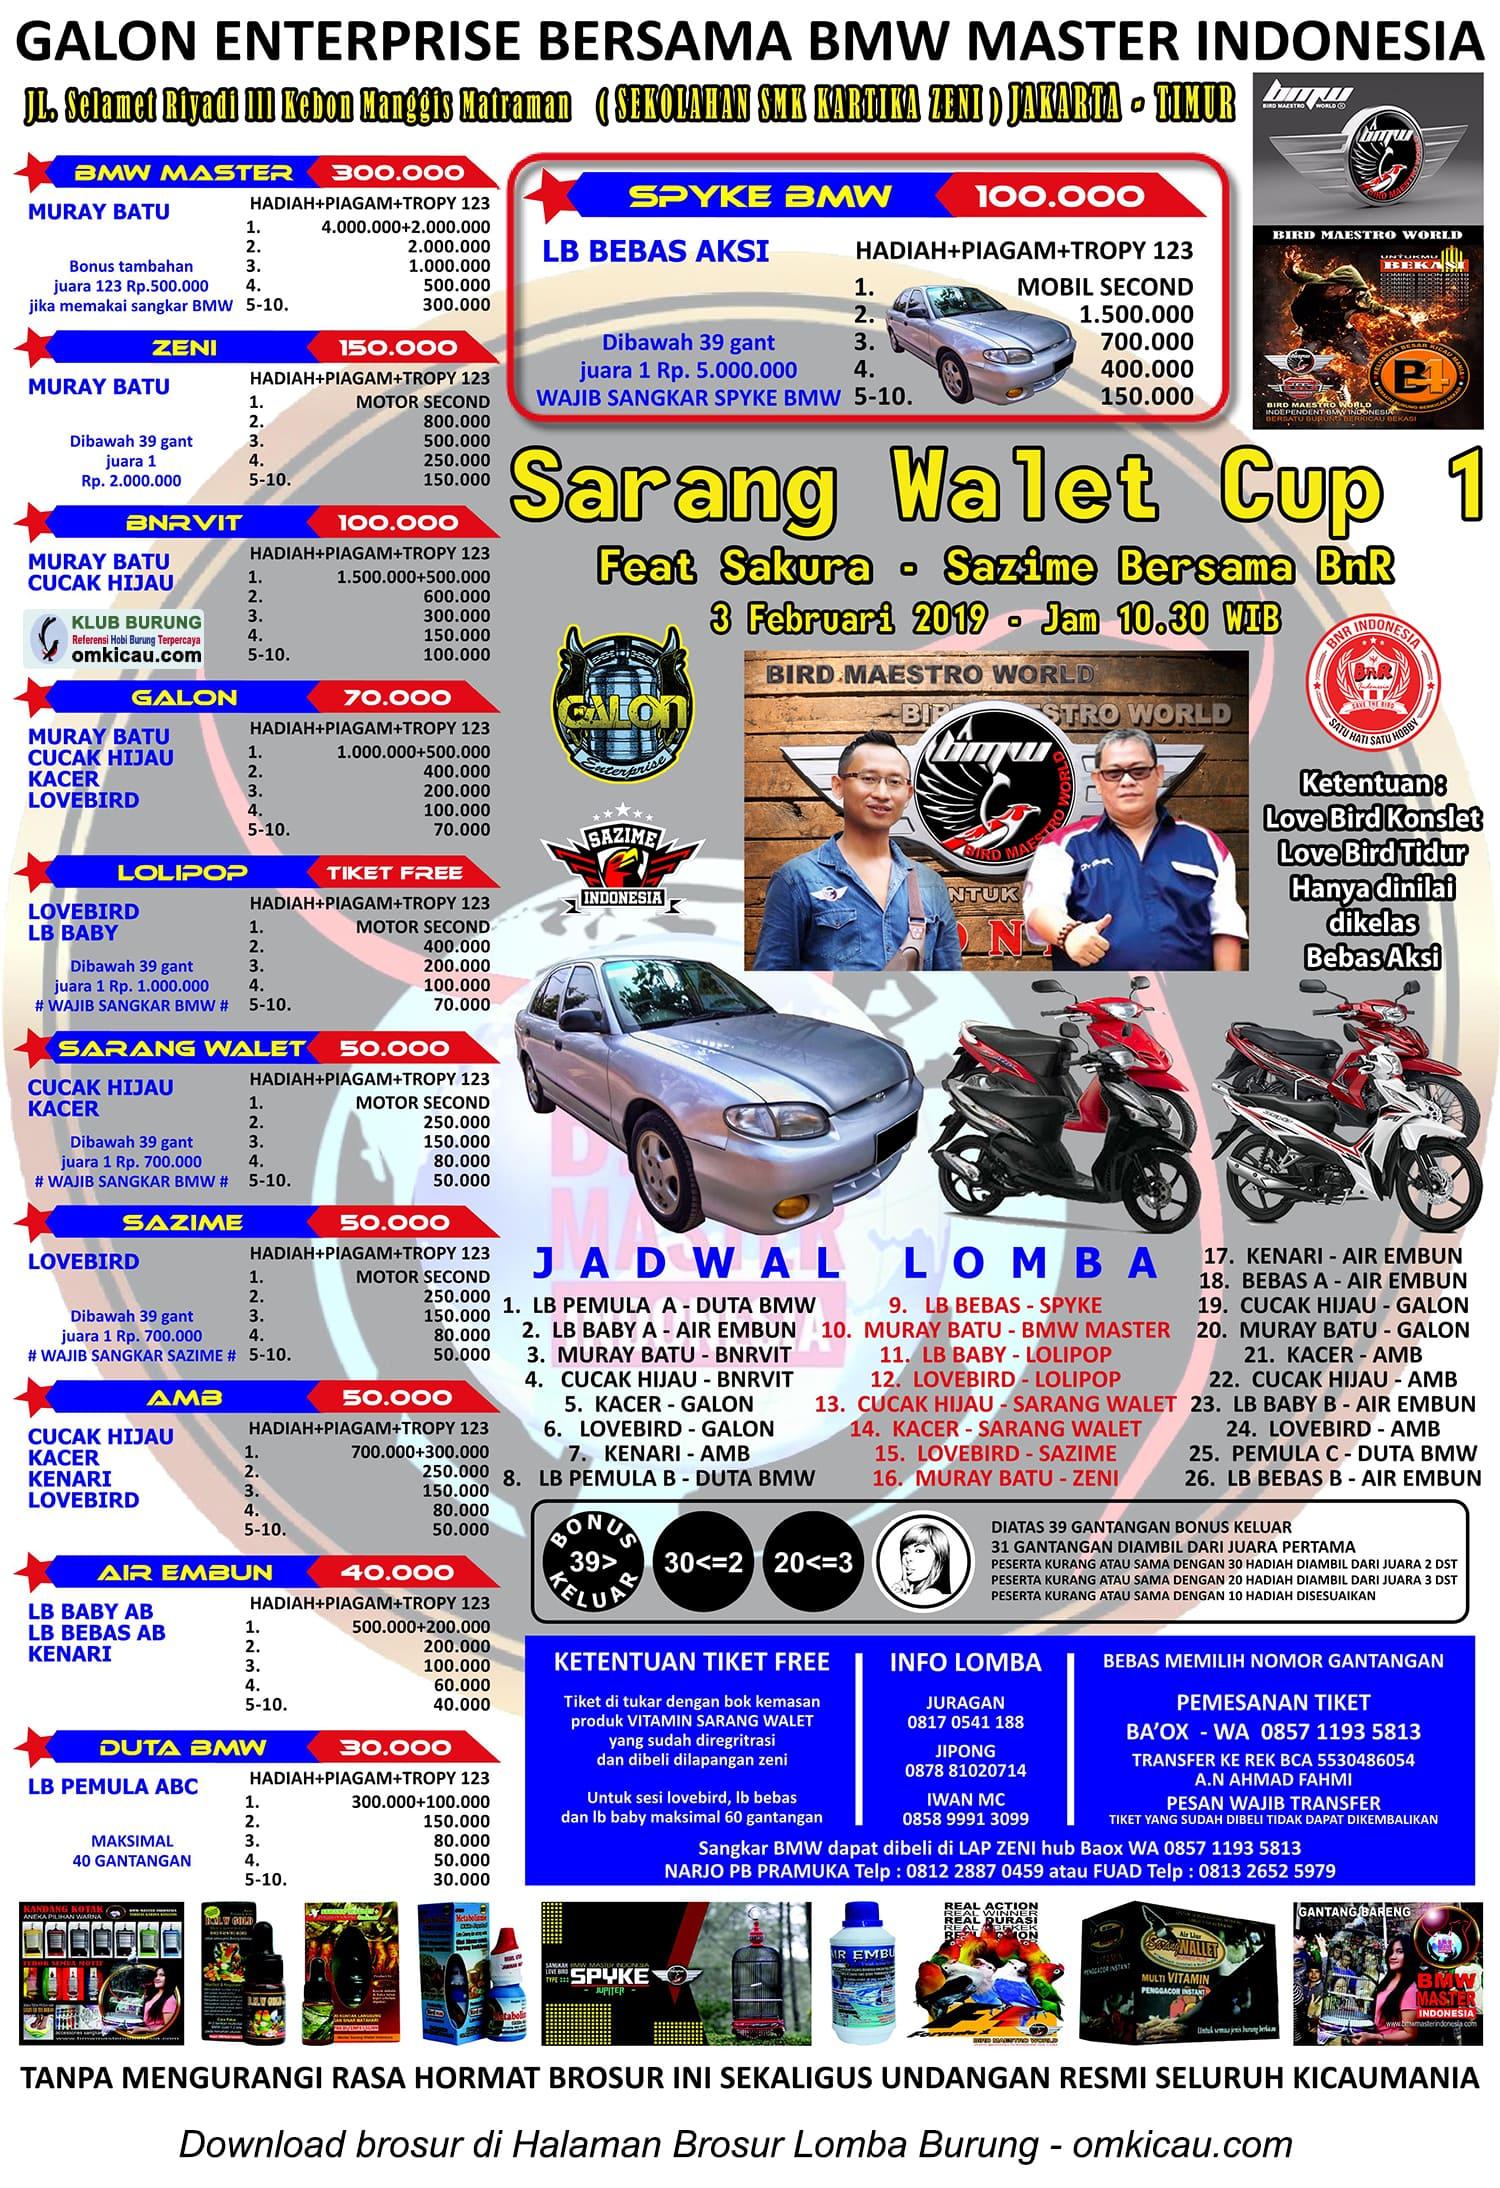 Sarang Walet Cup 1